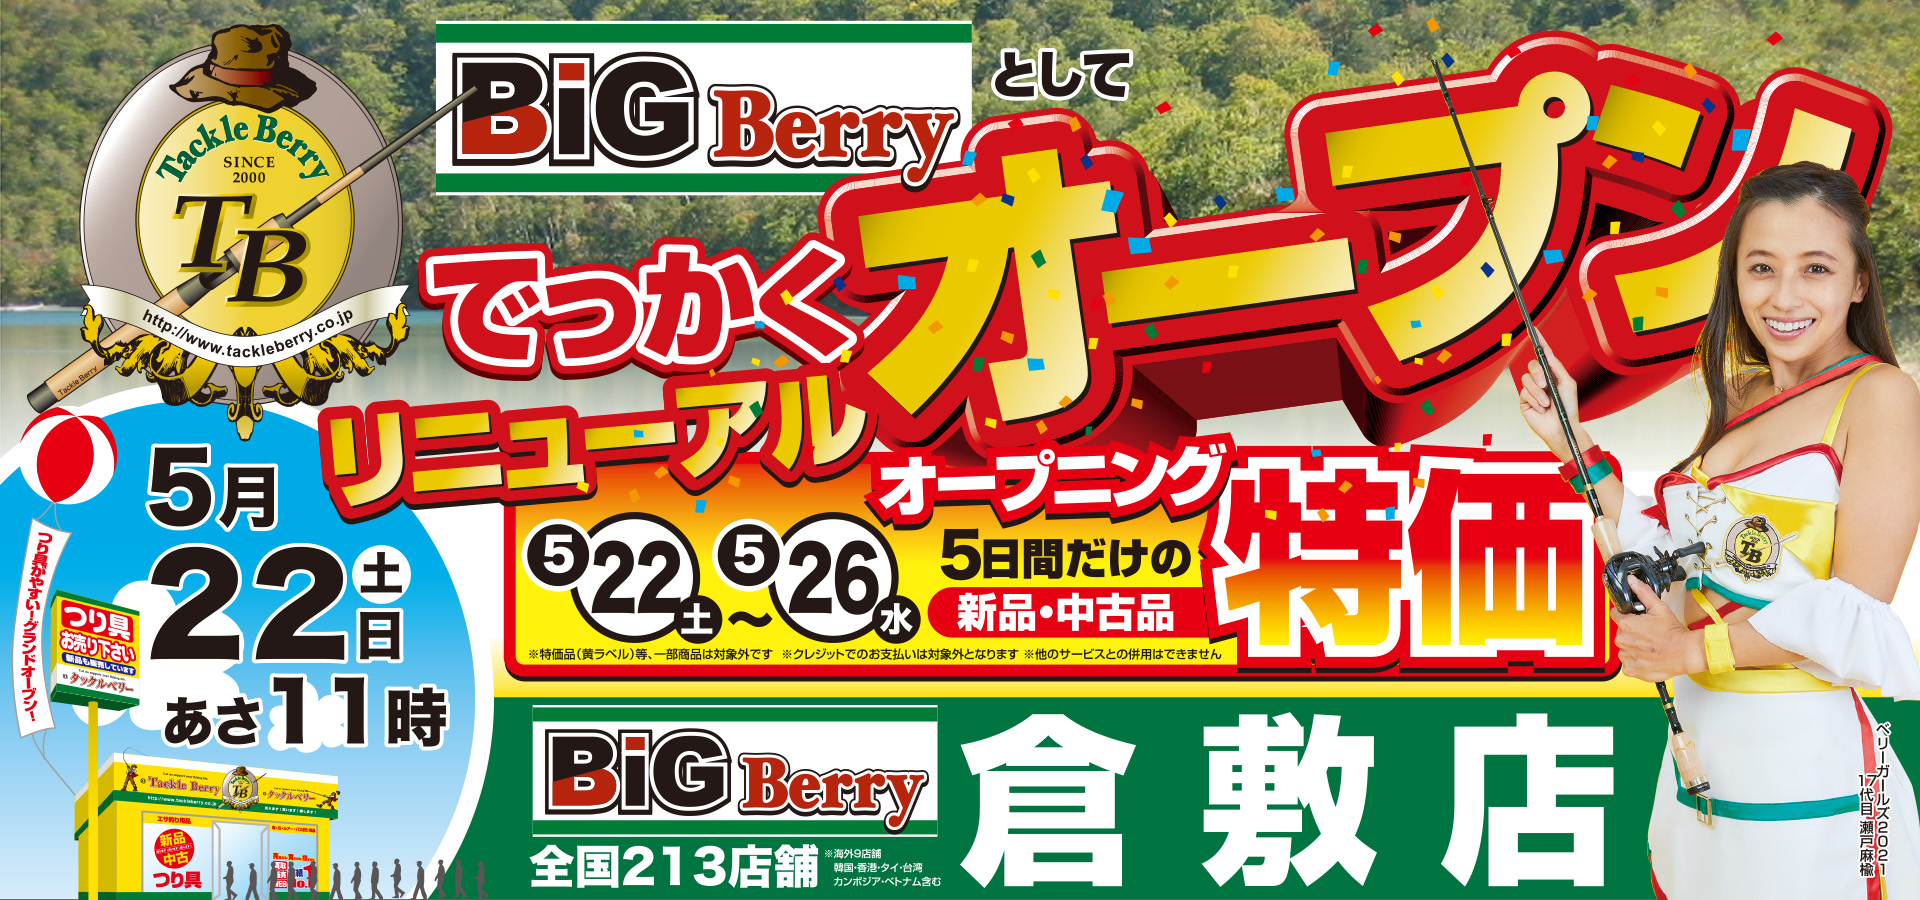 【BiG Berry 倉敷店】リニューアルオープンのお知らせ